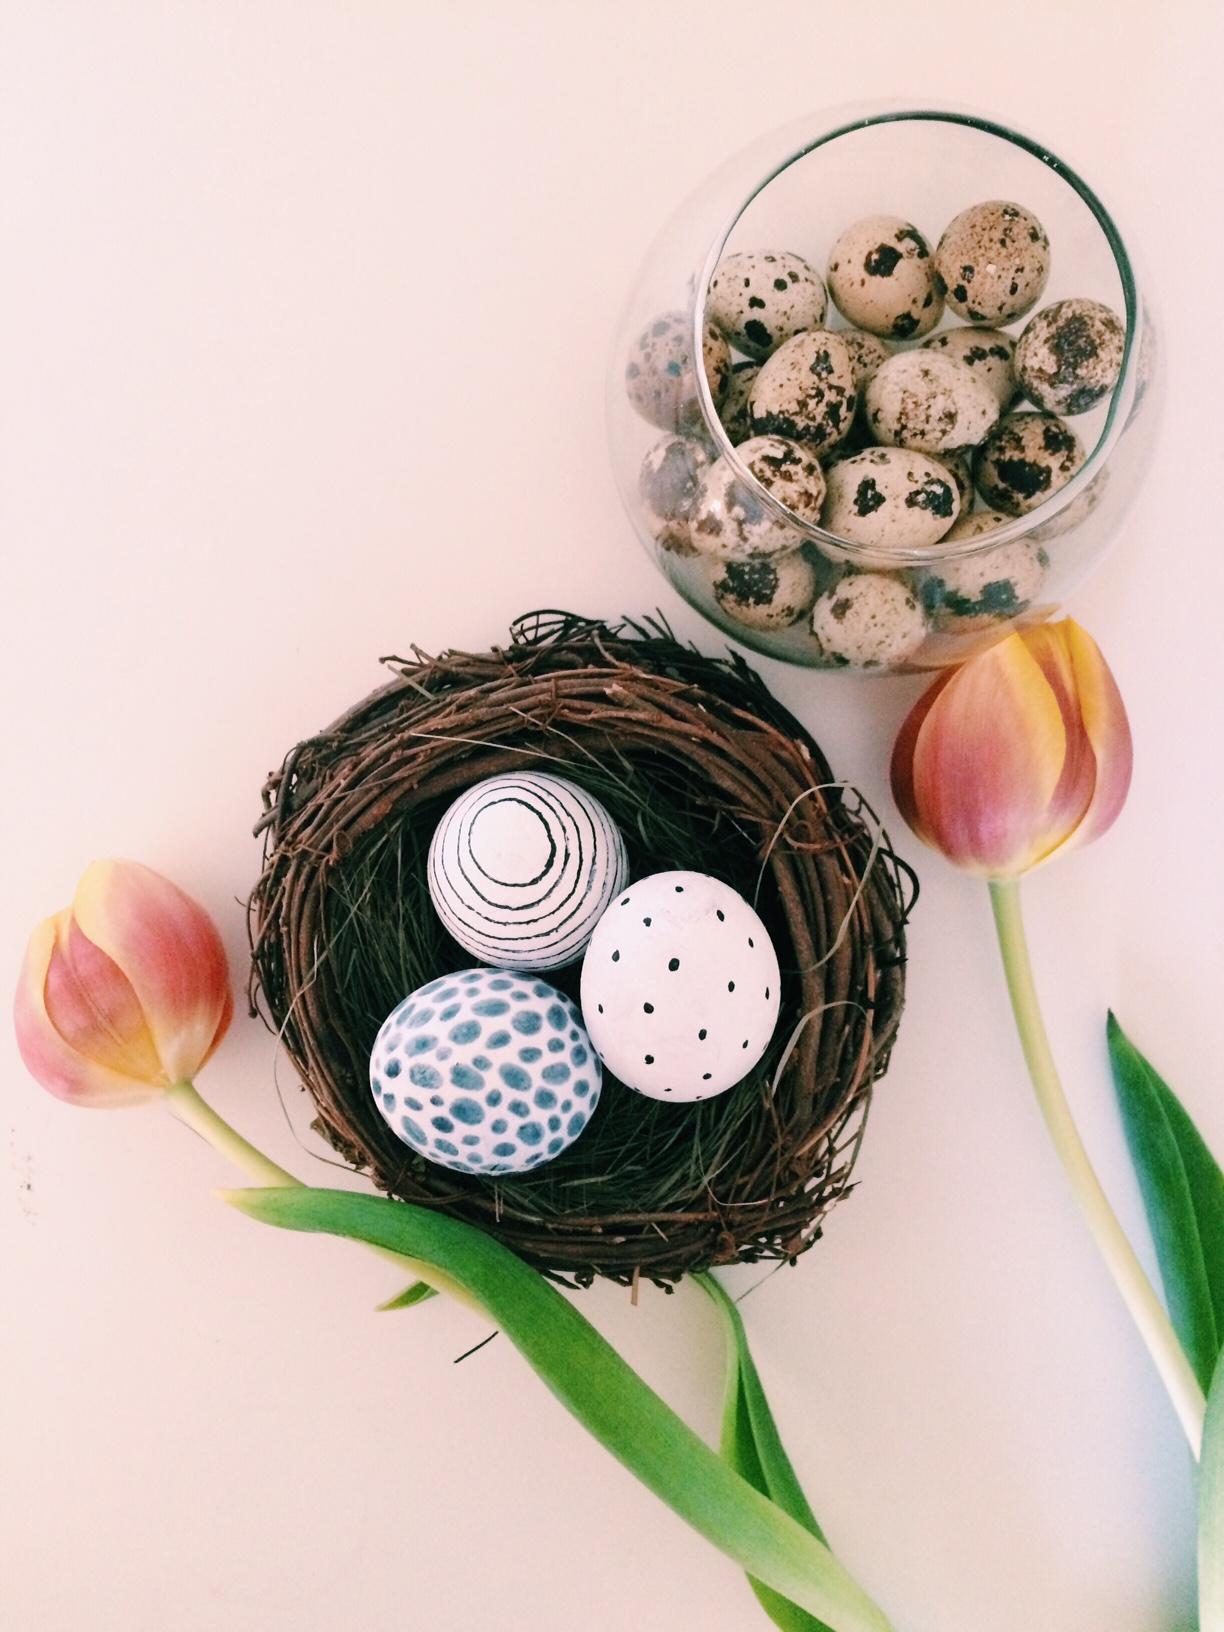 Eier färben mal anders